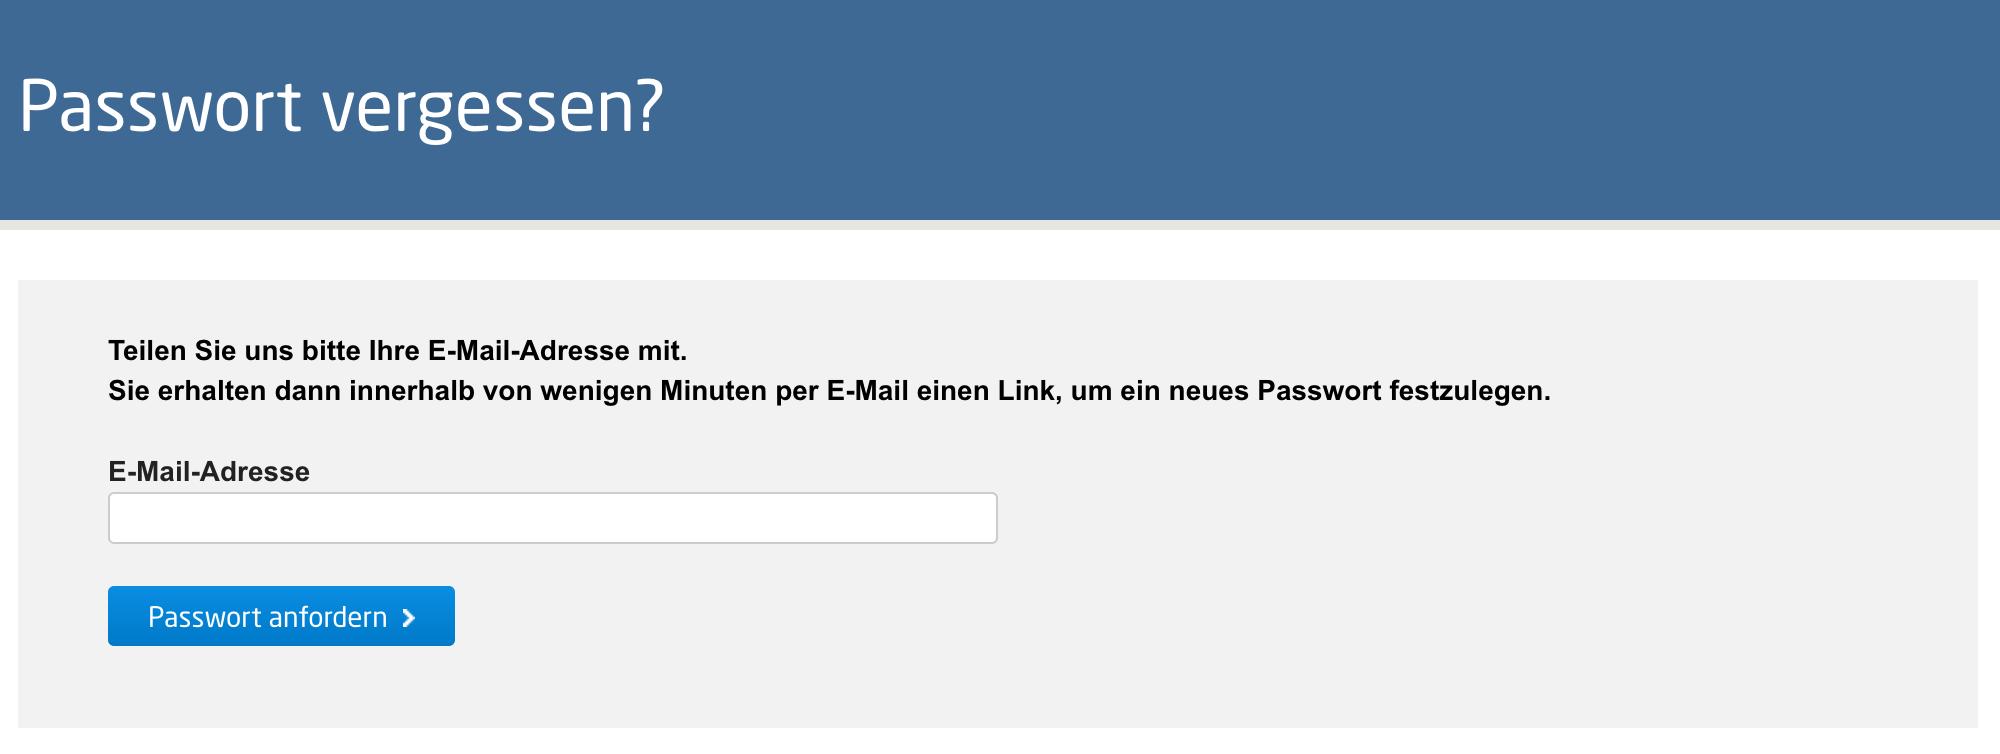 ich hab mein passwort vergessen